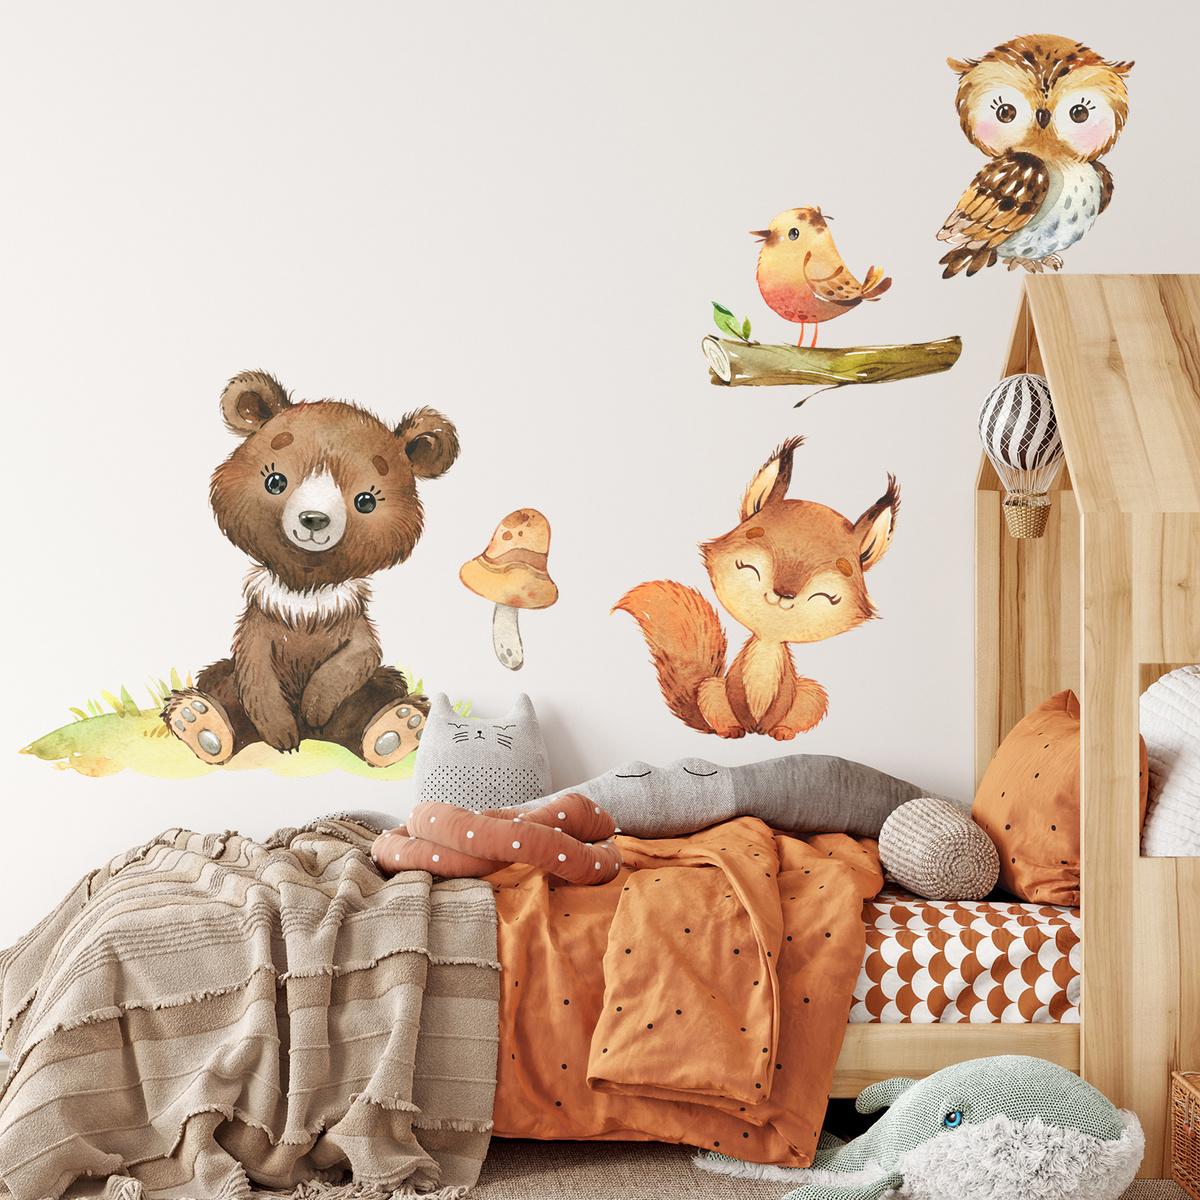 Samolepka na zeď - Medvěd, veverka, ptáček a sova XL